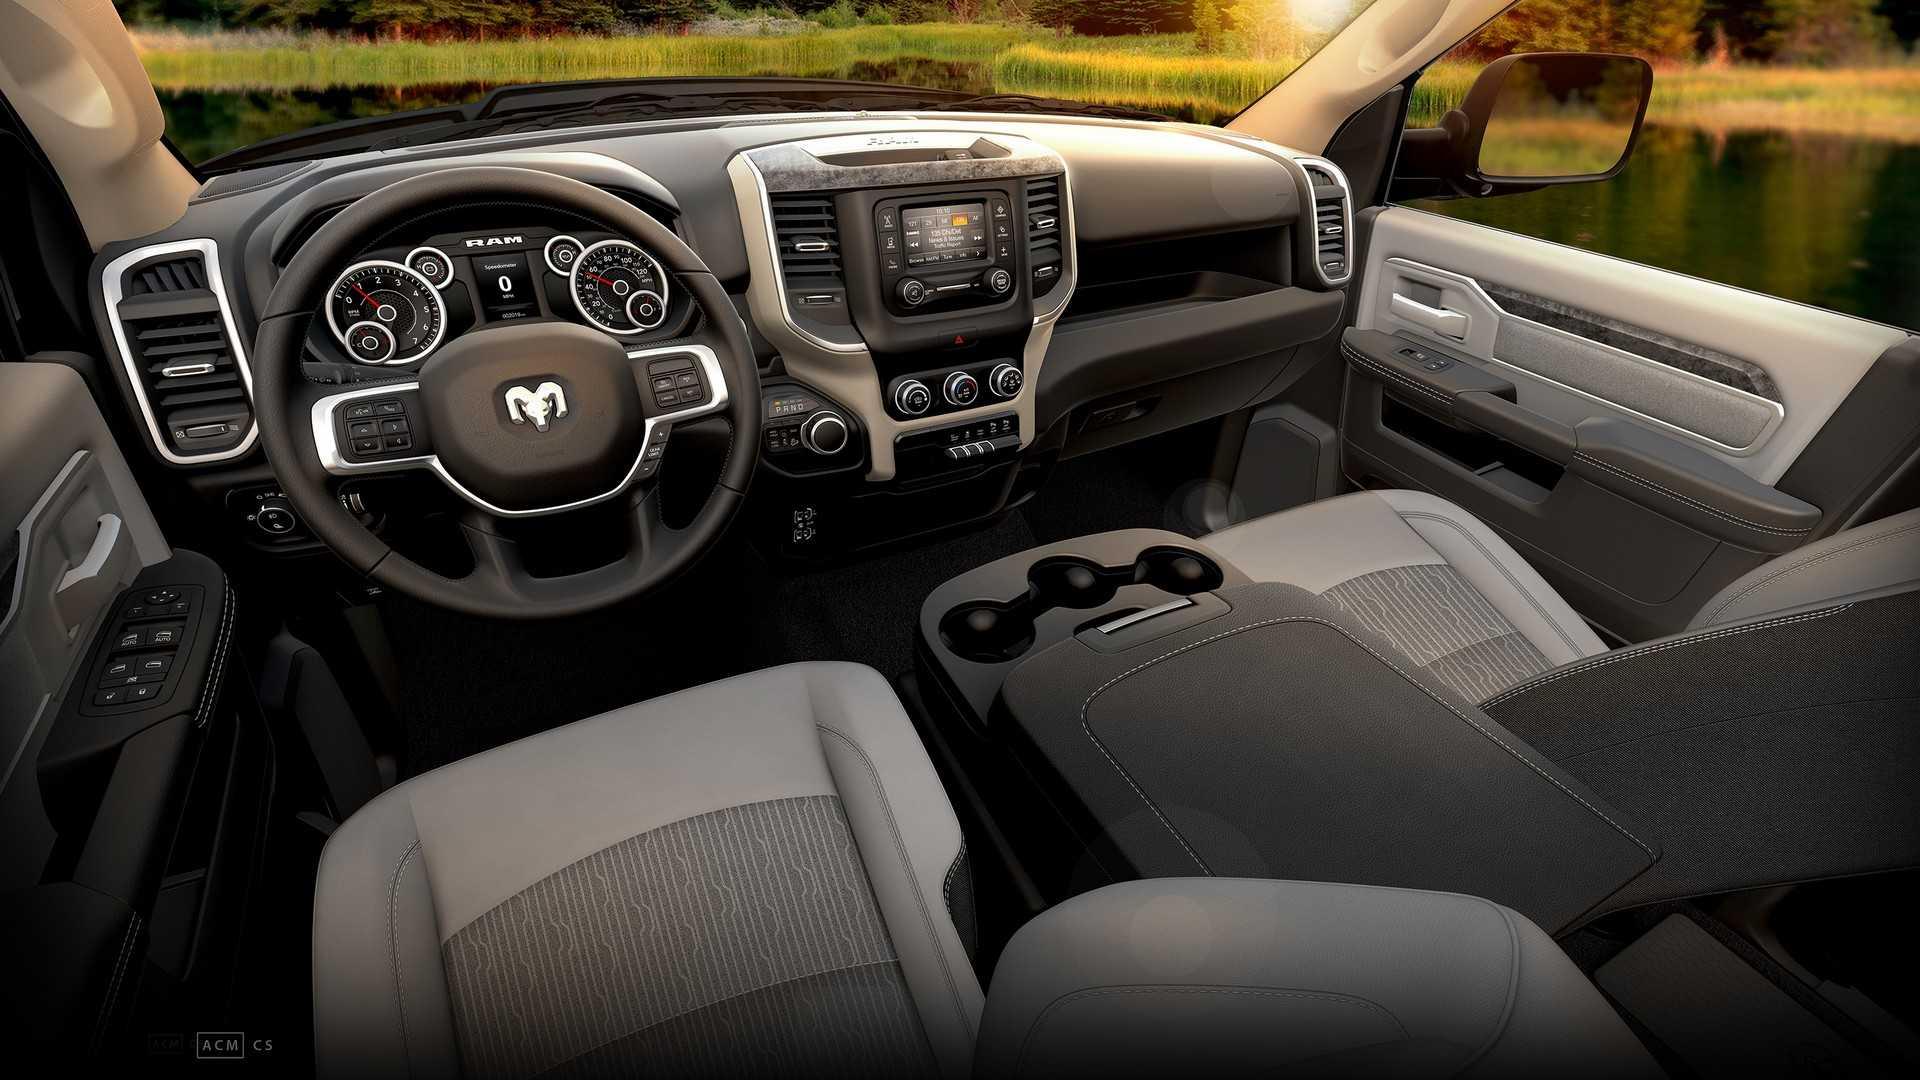 2019-ram-heavy-duty-interior (9)